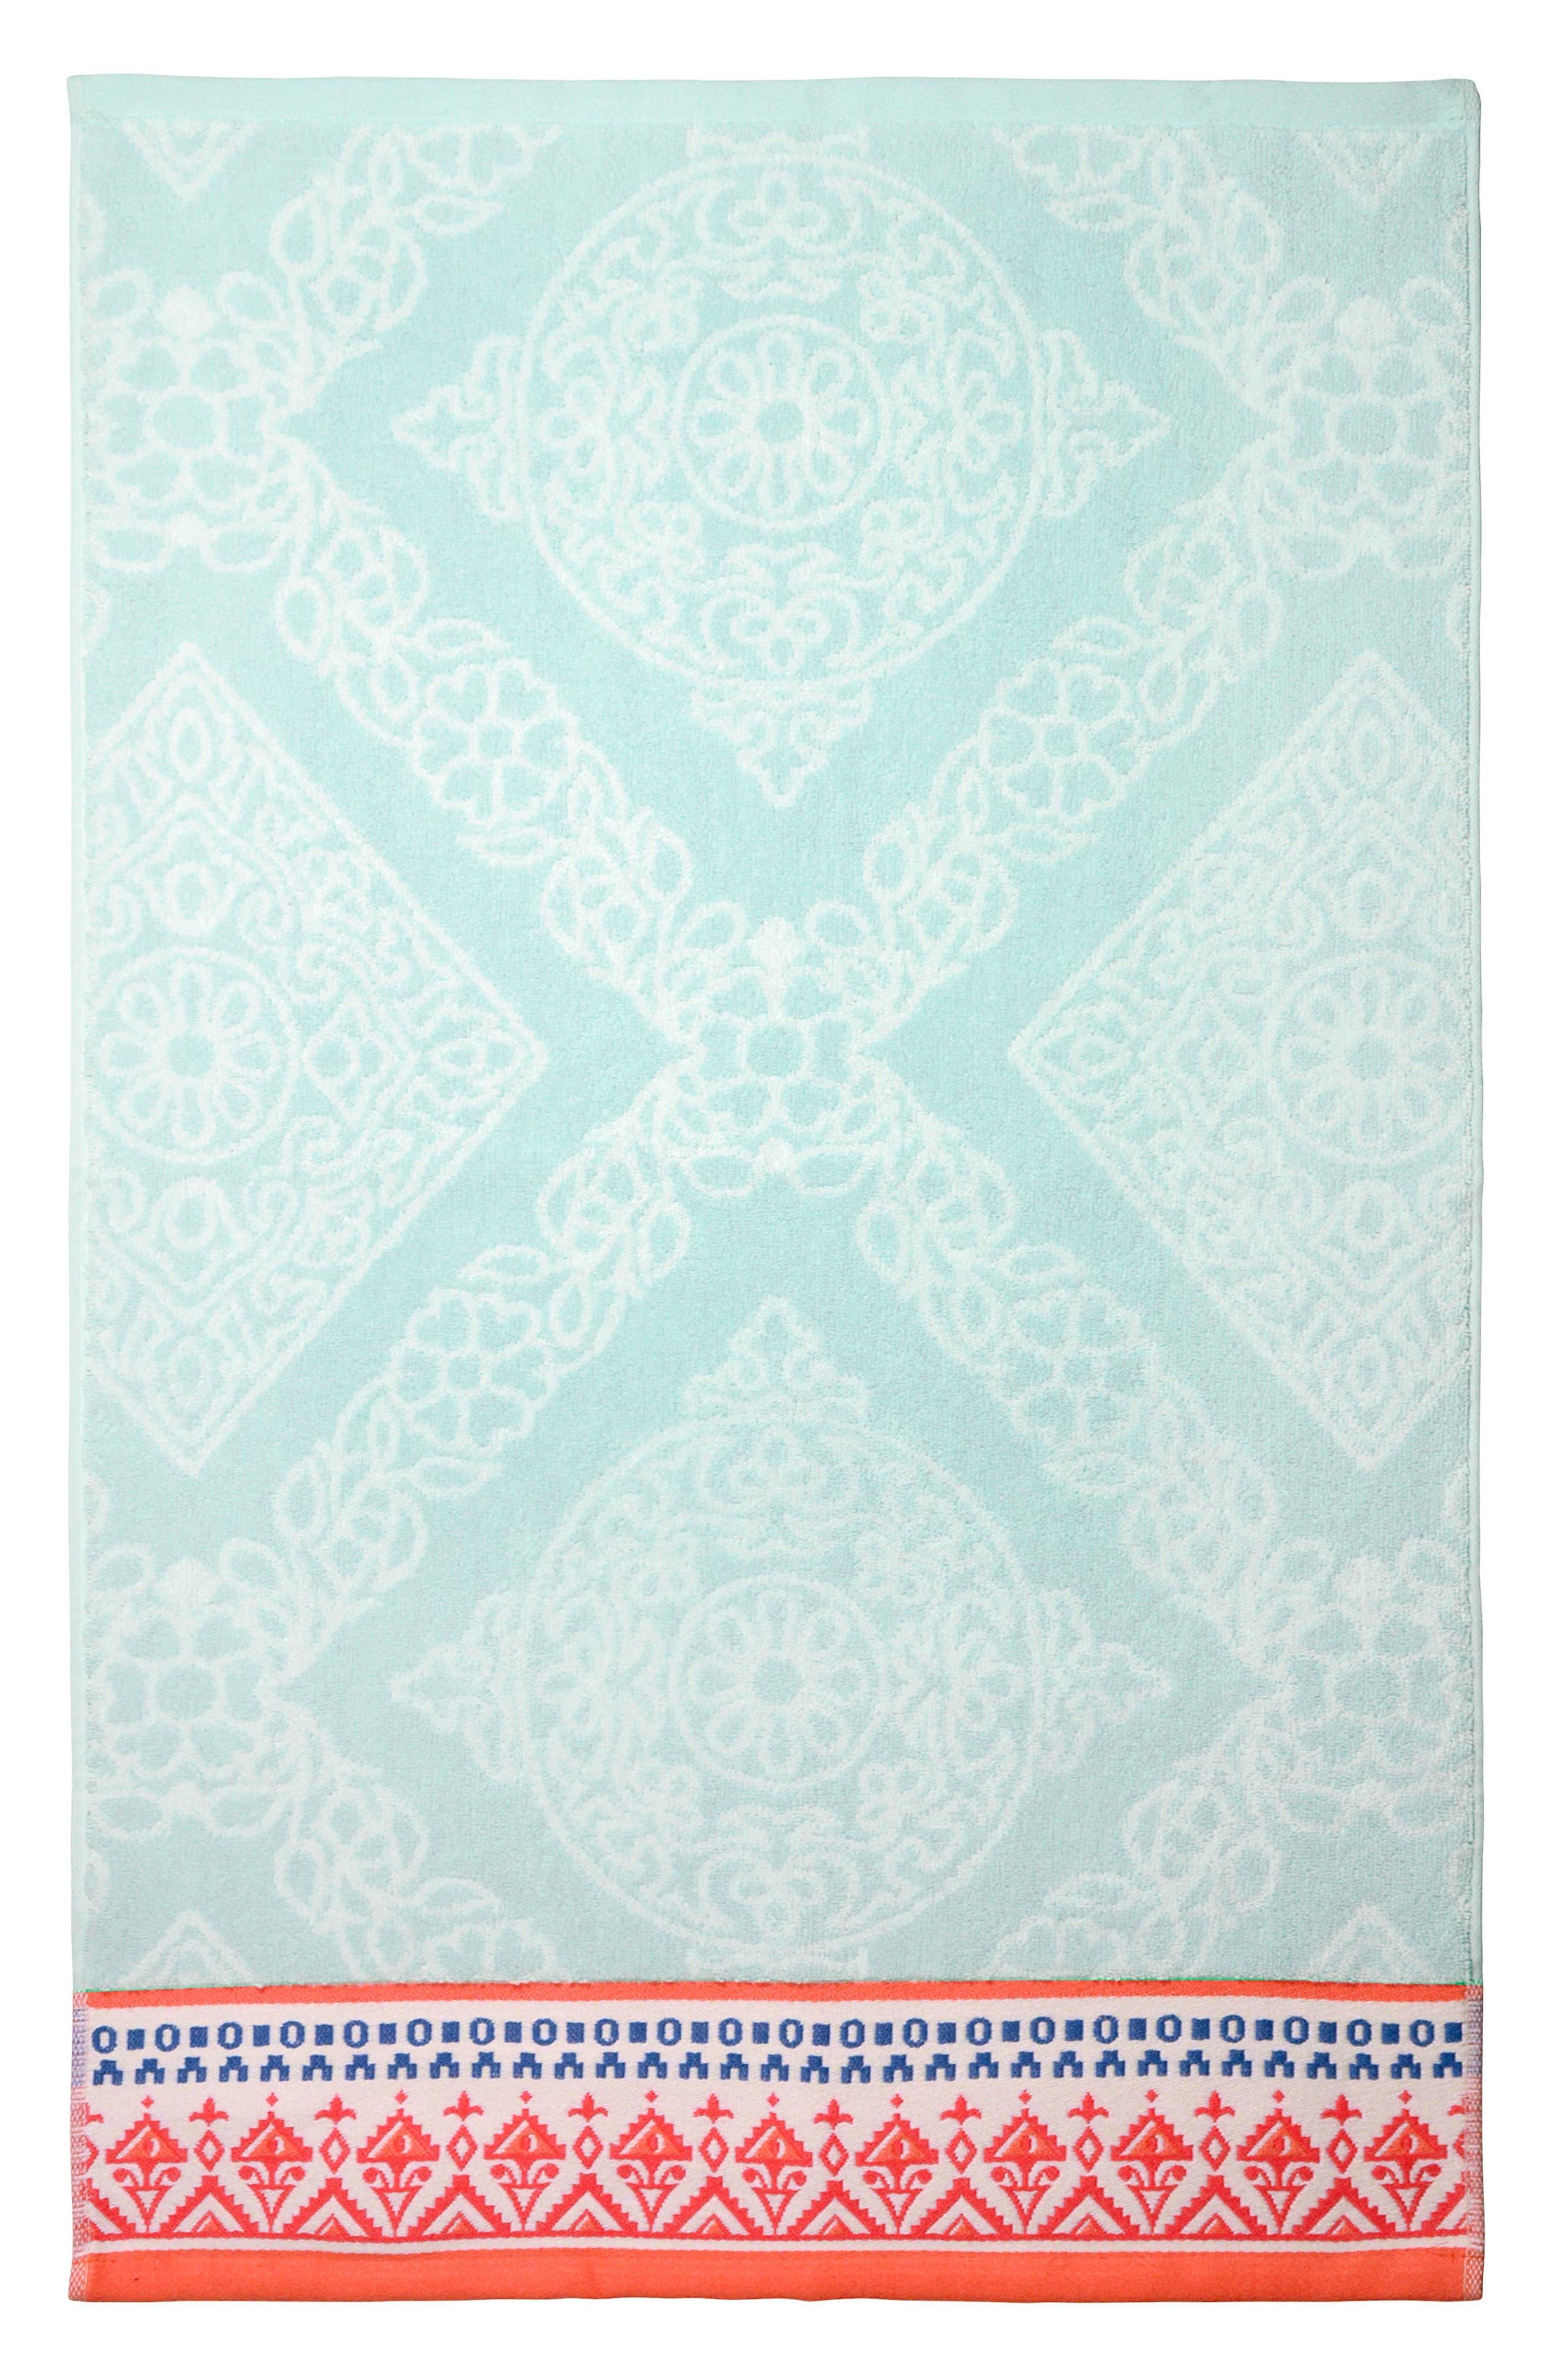 Mitta Hand Towel,                             Main thumbnail 1, color,                             440